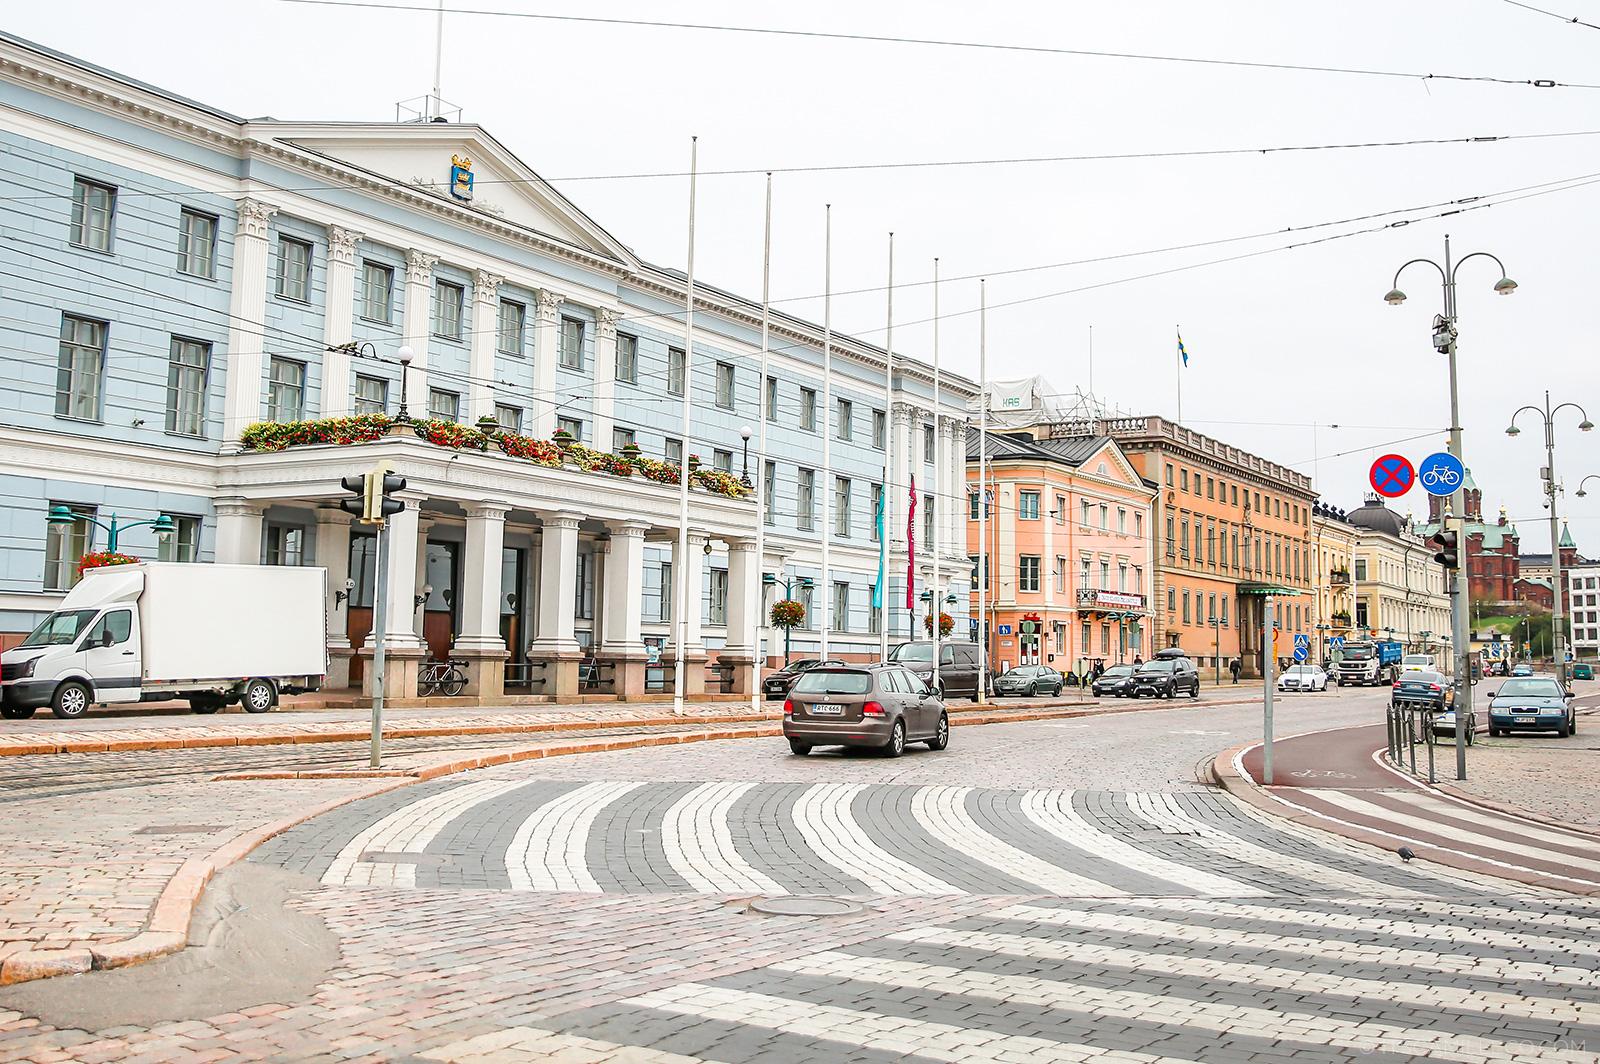 Helsinki, Finland - www.itscamilleco.com